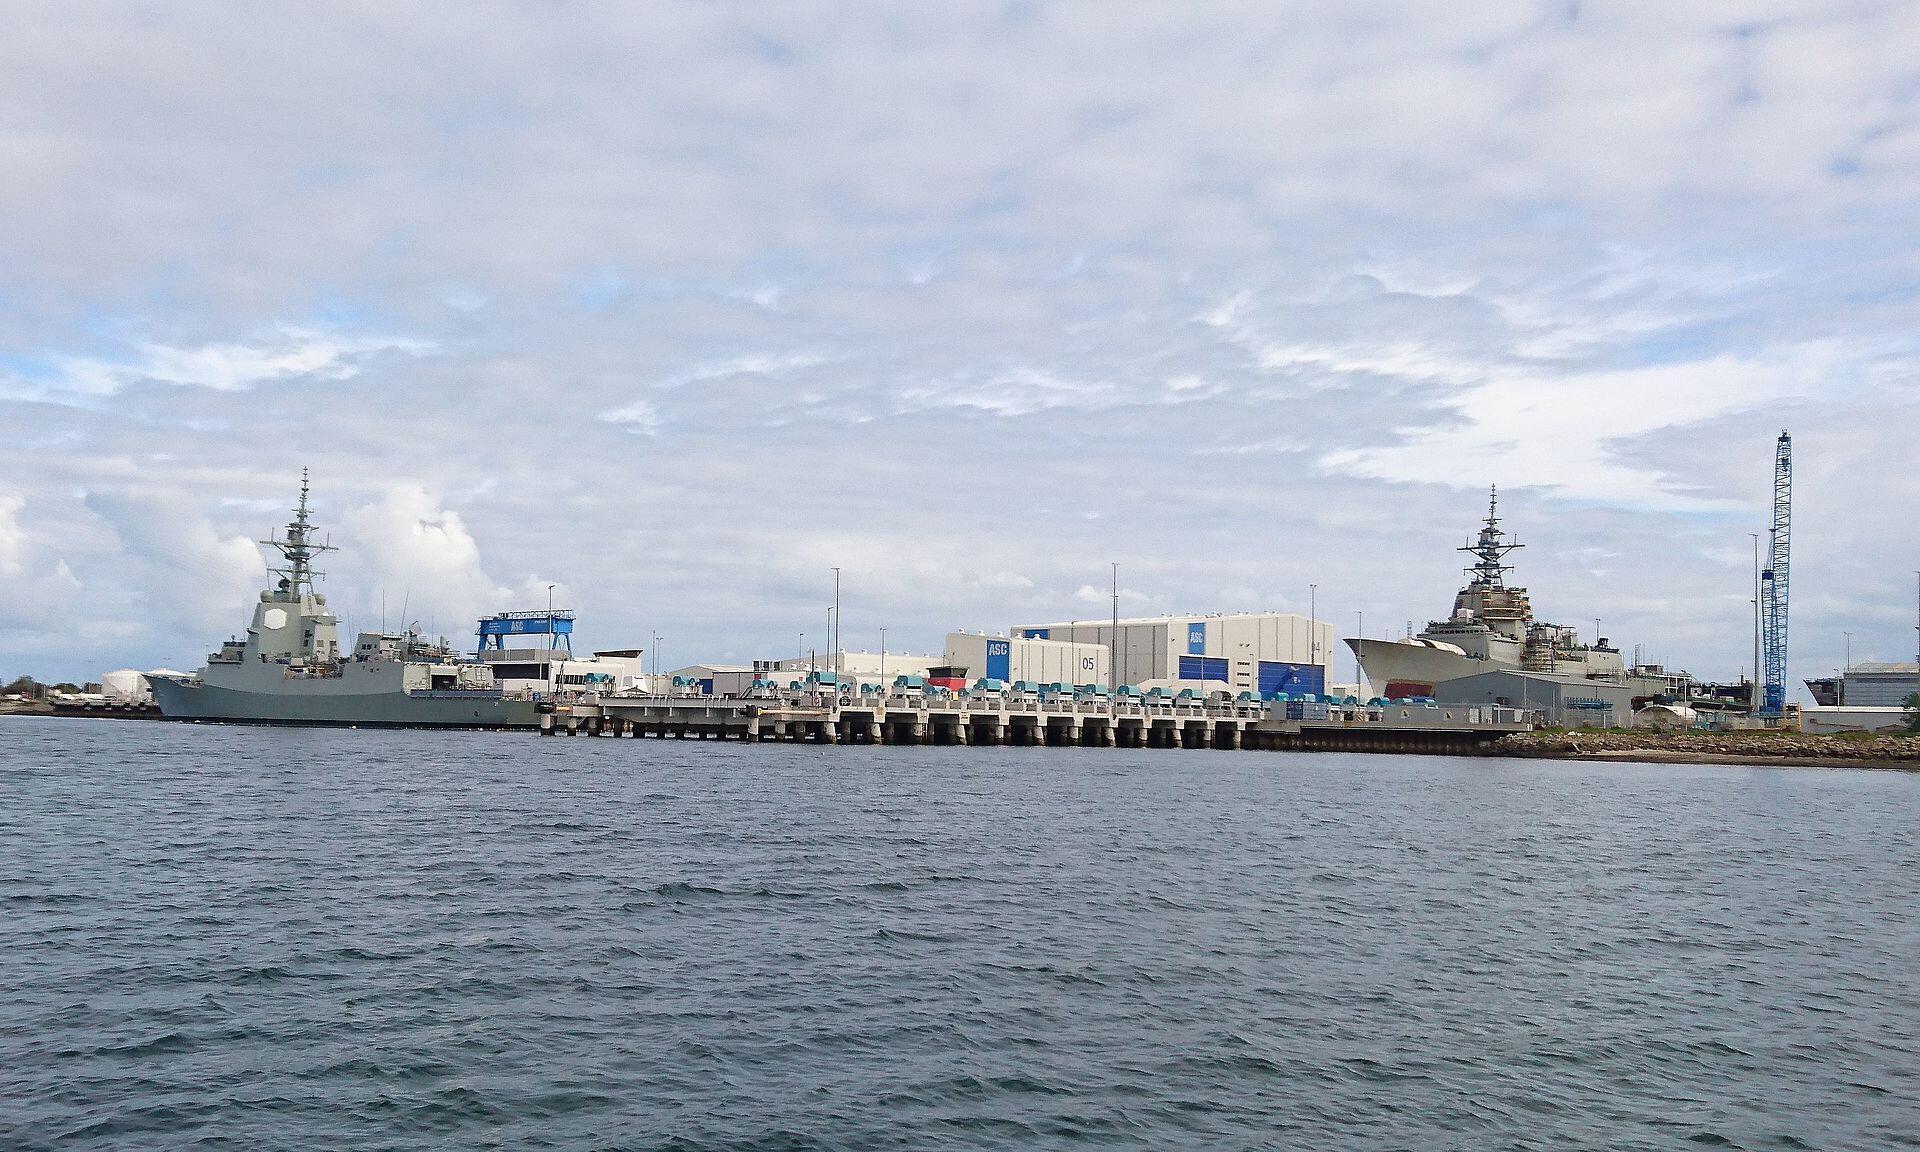 Một chiến hạm tại Nam Úc. Ảnh minh họa.